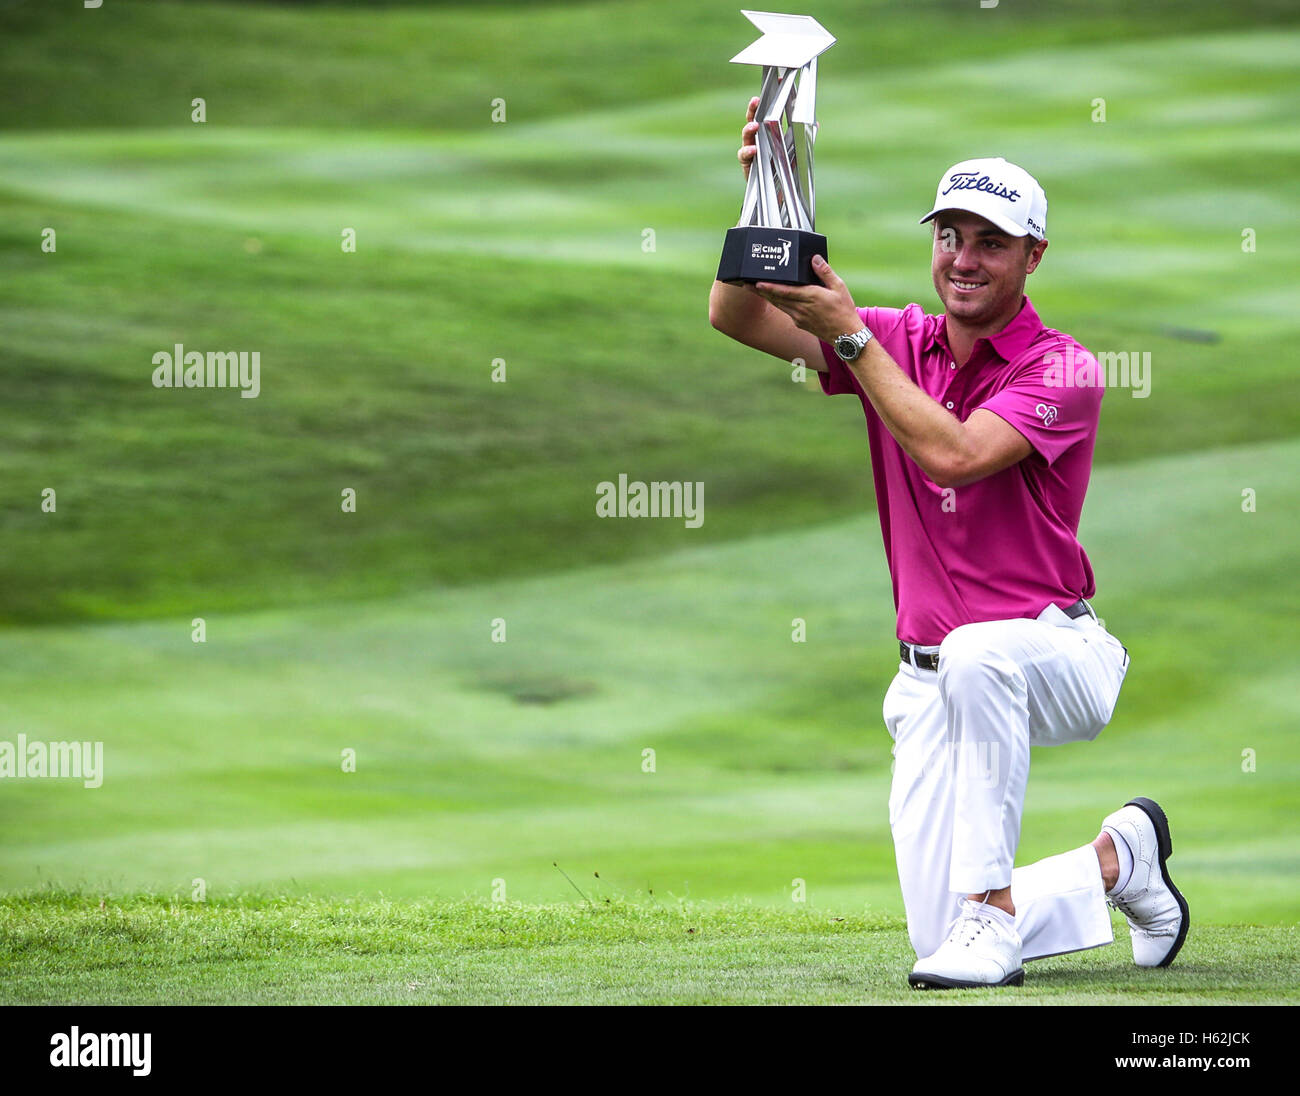 Kuala Lumpur, Malasia, 23 de octubre de 2016. Nosotros golfer, Justin Thomas con el trofeo tras ganar el clásico Imagen De Stock